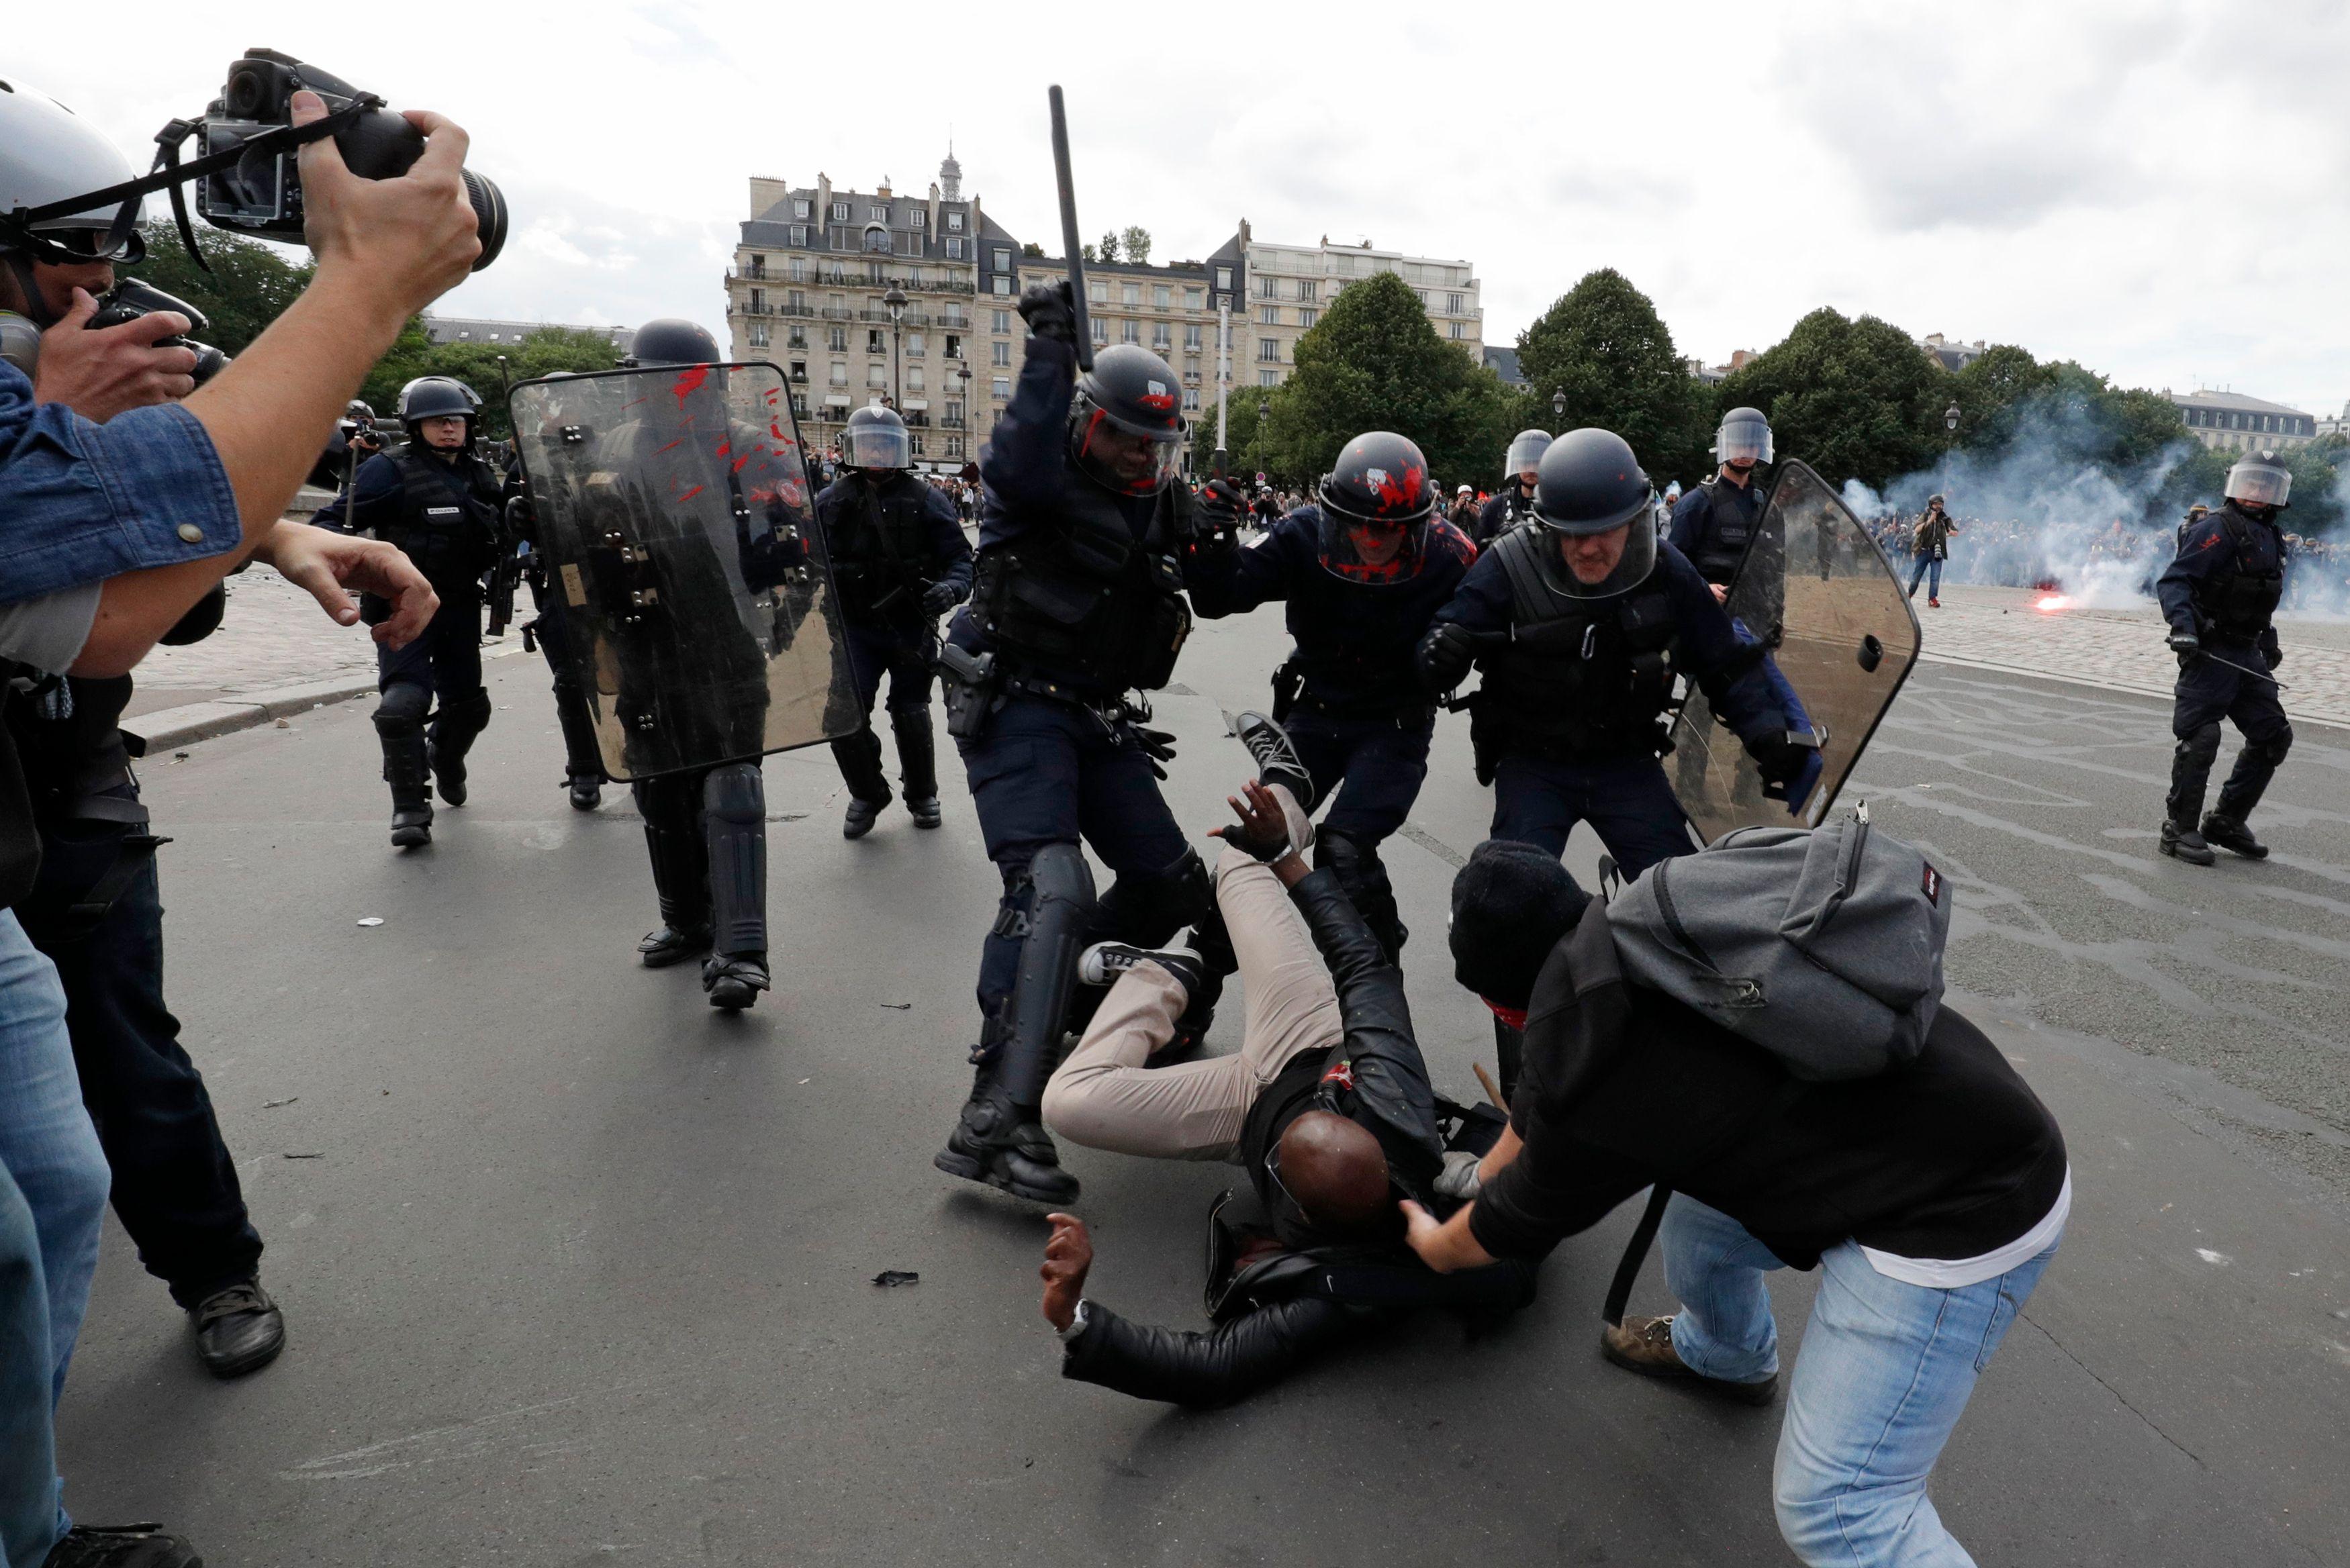 Manifestation autorisée in extremis à la Bastille : pourquoi le gouvernement ne mérite pas un procès en démocratie mais en incompétence politique, sociale et juridique